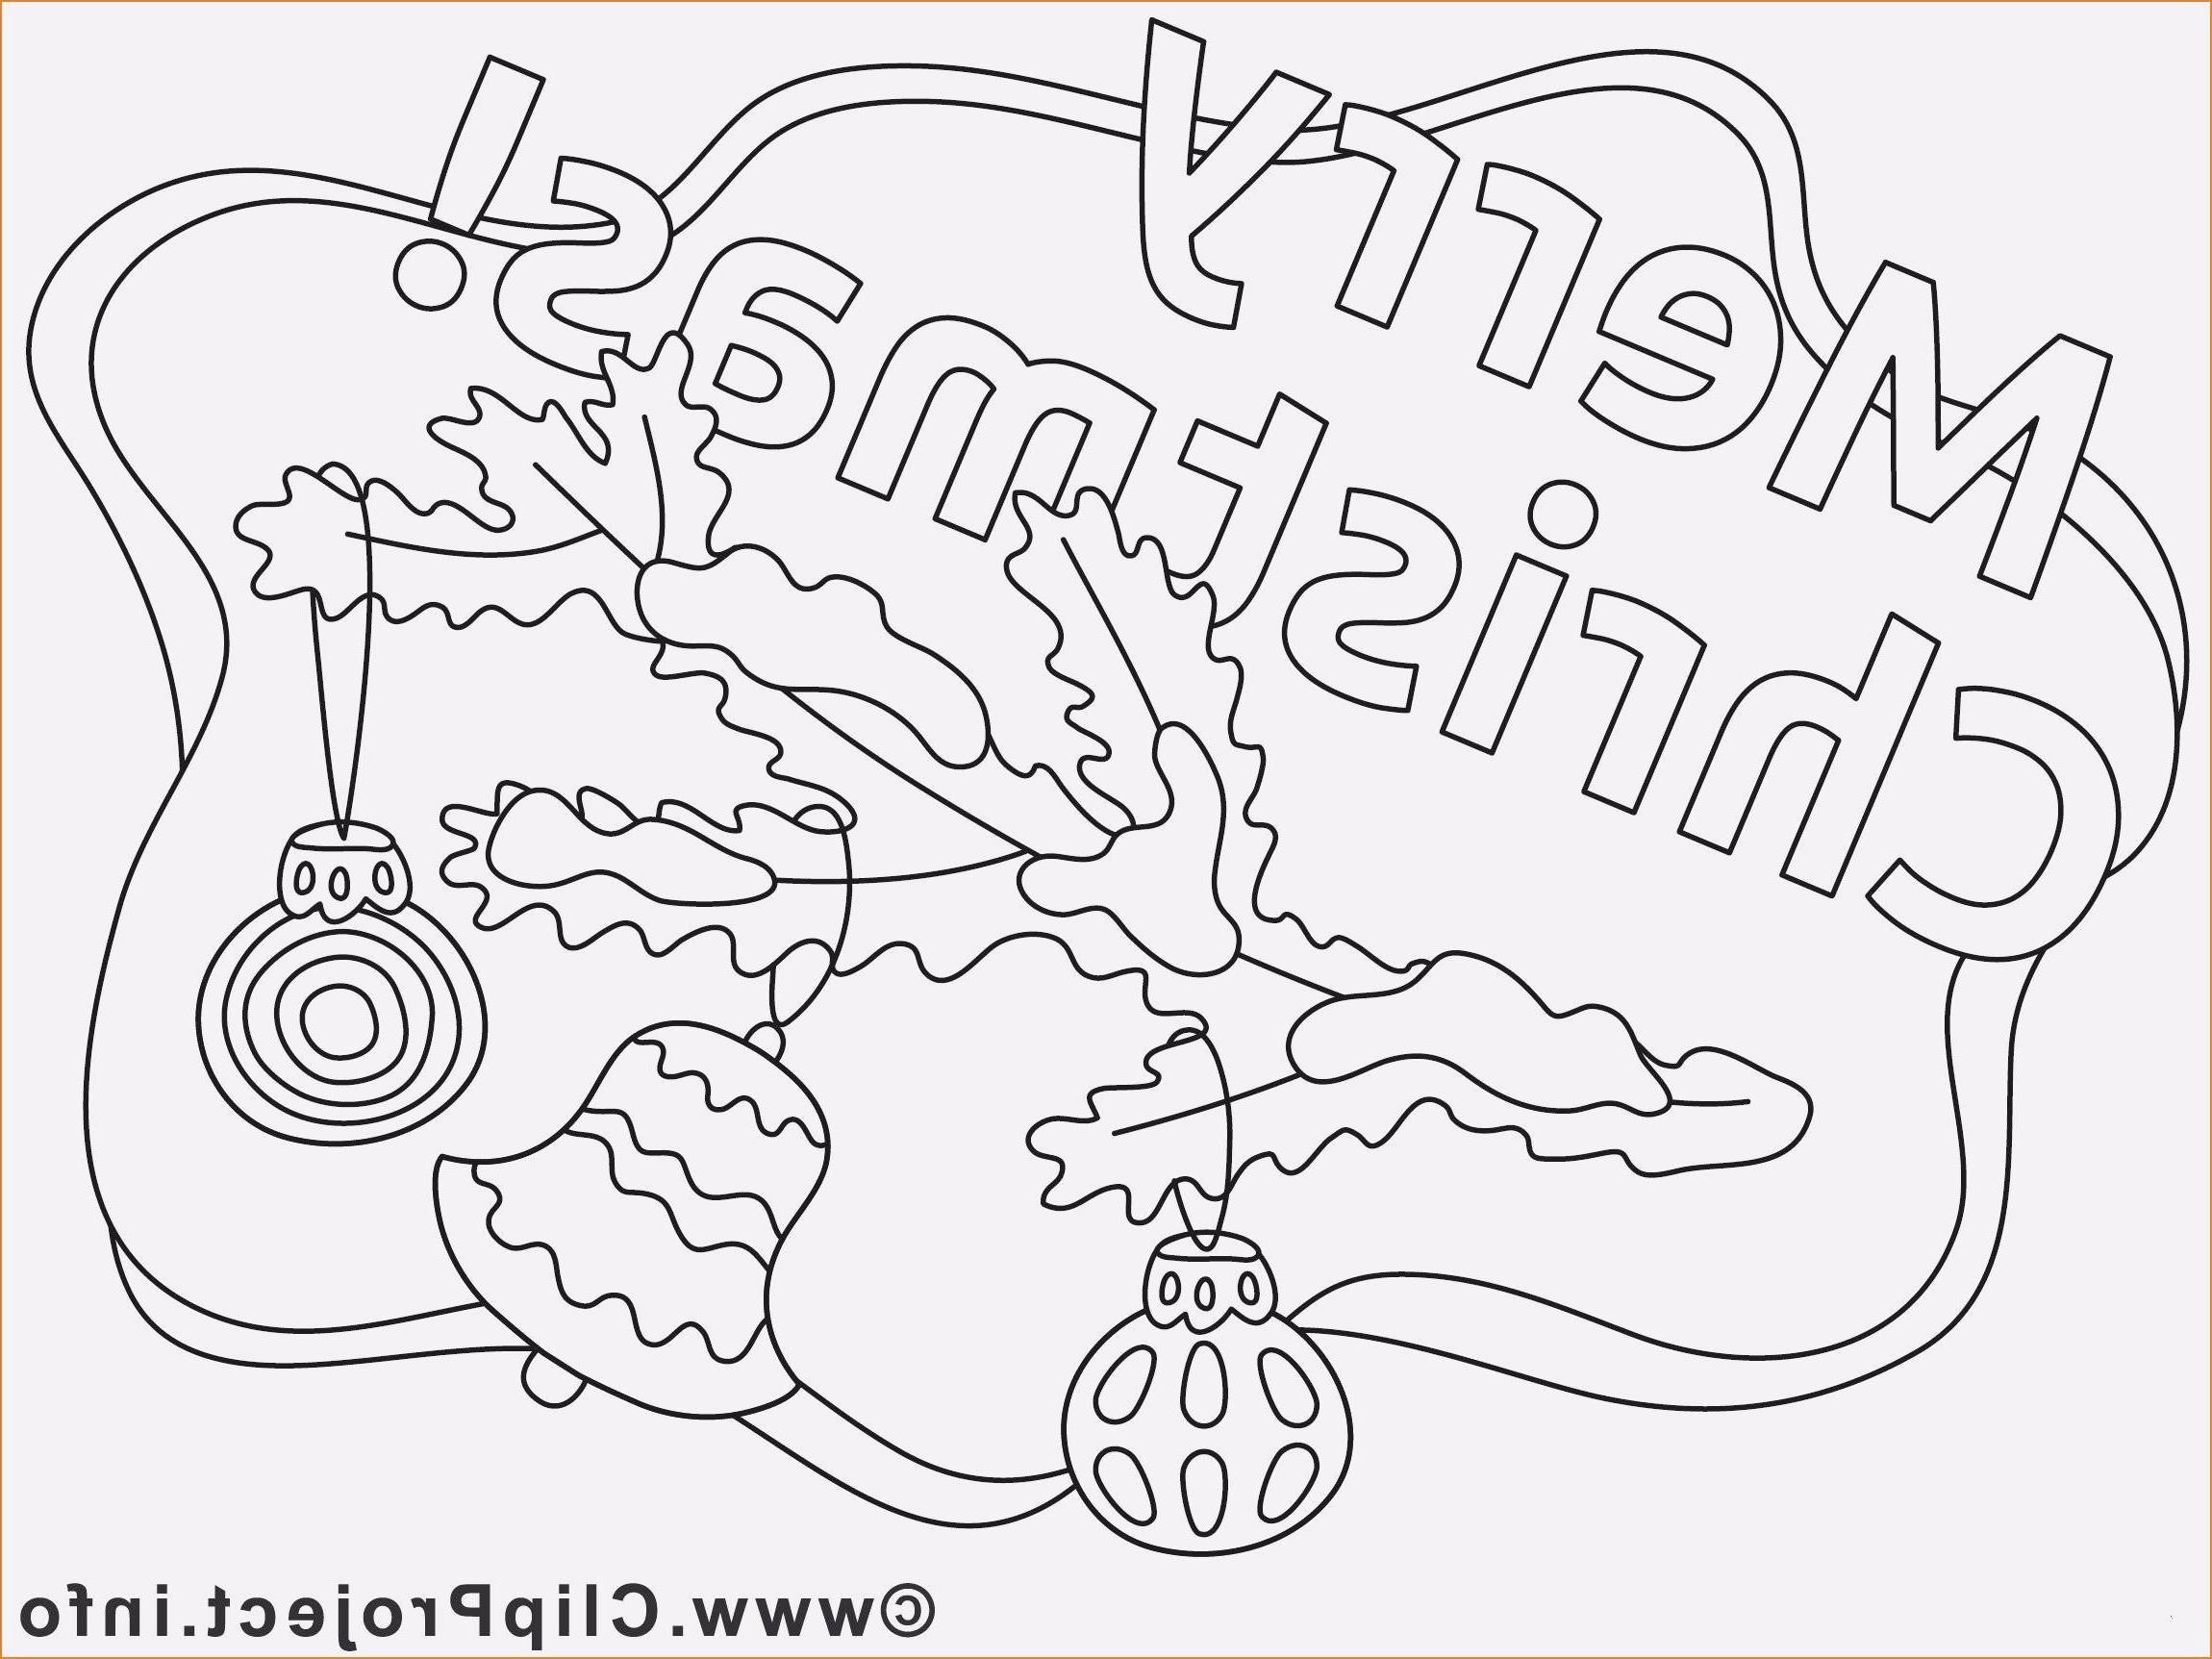 Bilder Zum Ausmalen Minions Genial 25 Frisch Minion Malvorlage – Malvorlagen Ideen Sammlung